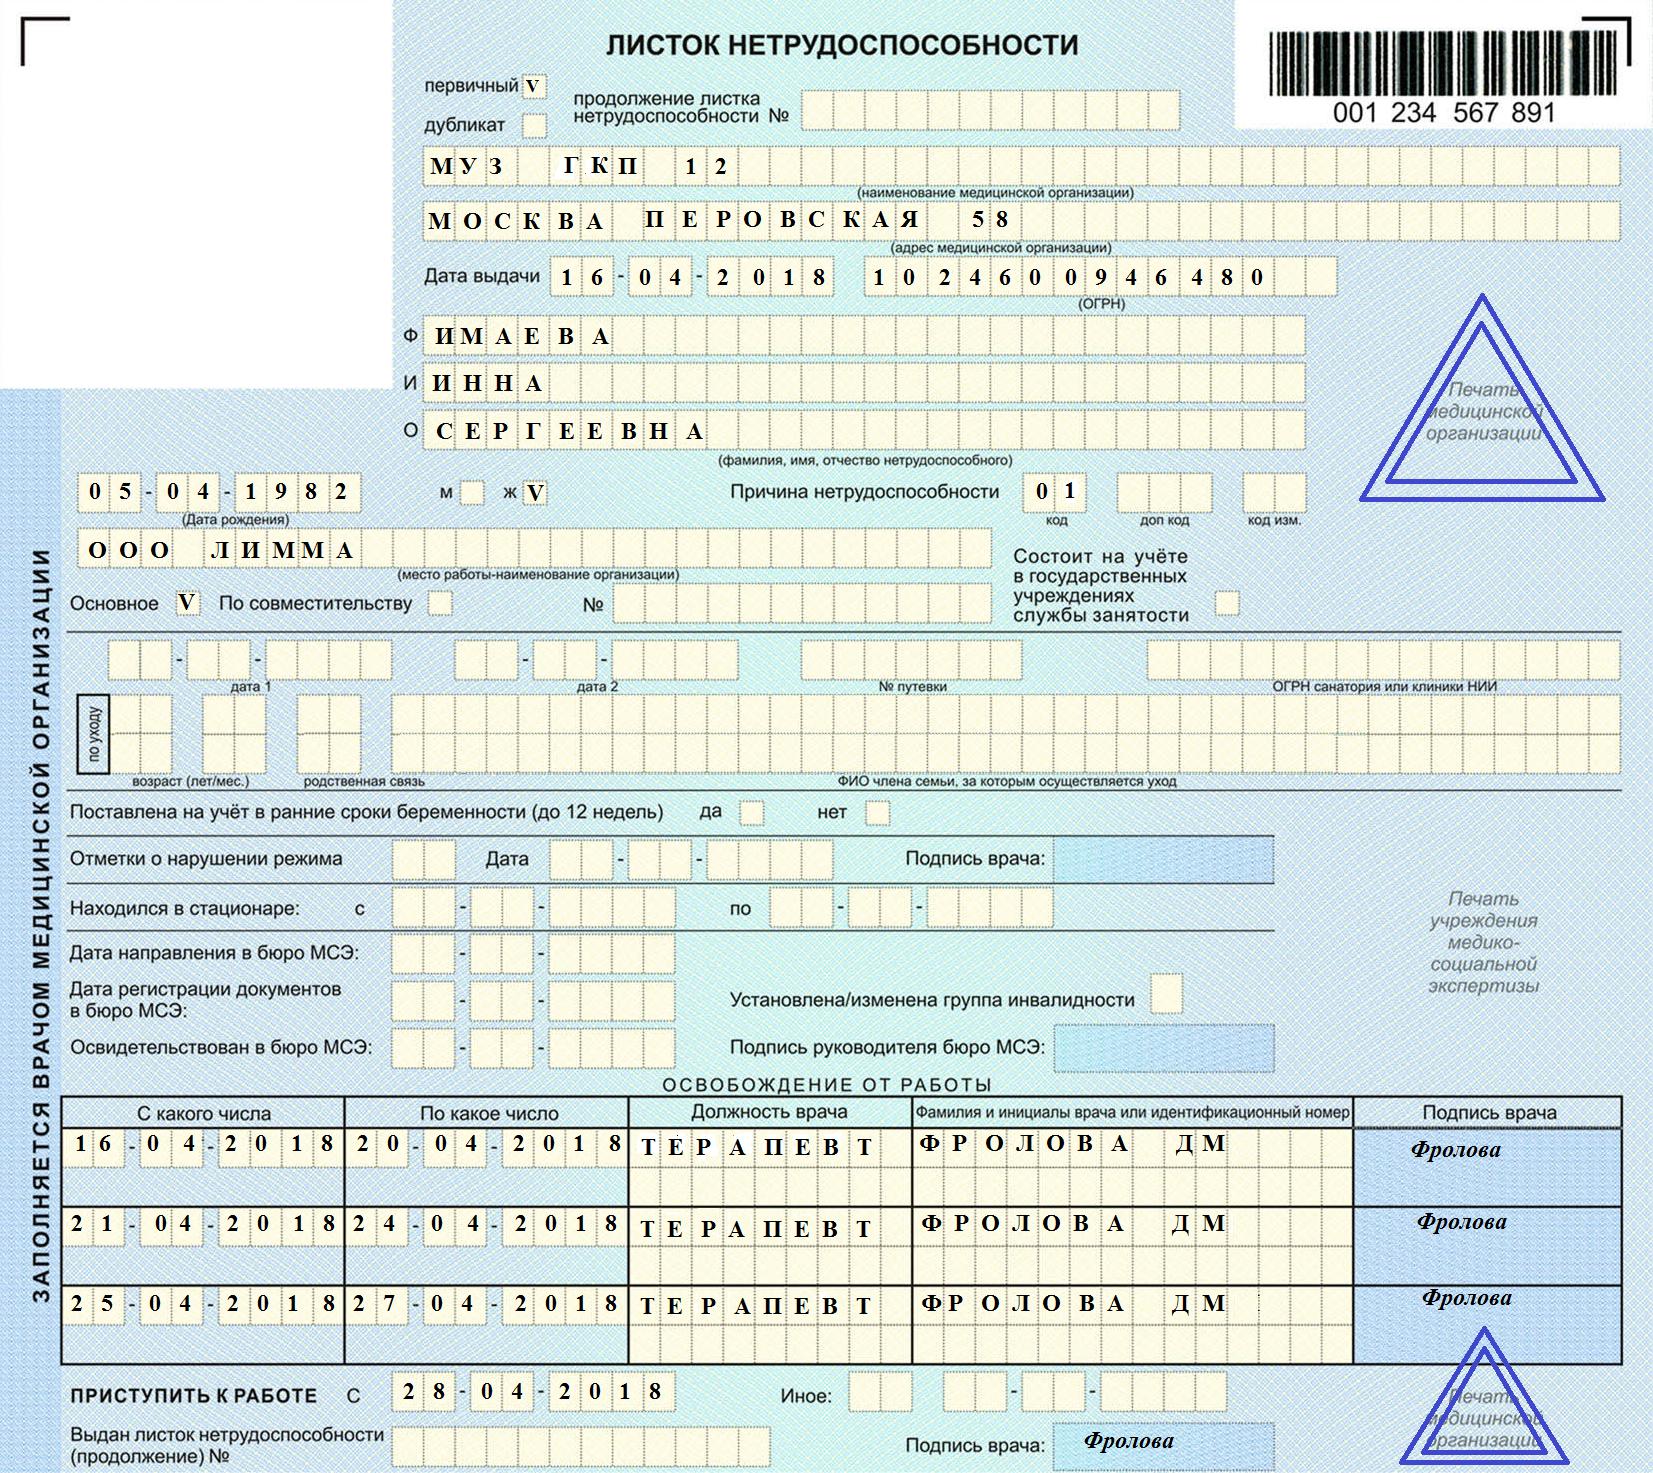 Когда больничный лист оплачиваеться по мрот советский клинический институт санкт-петербургская медицинская академия постдипломного об